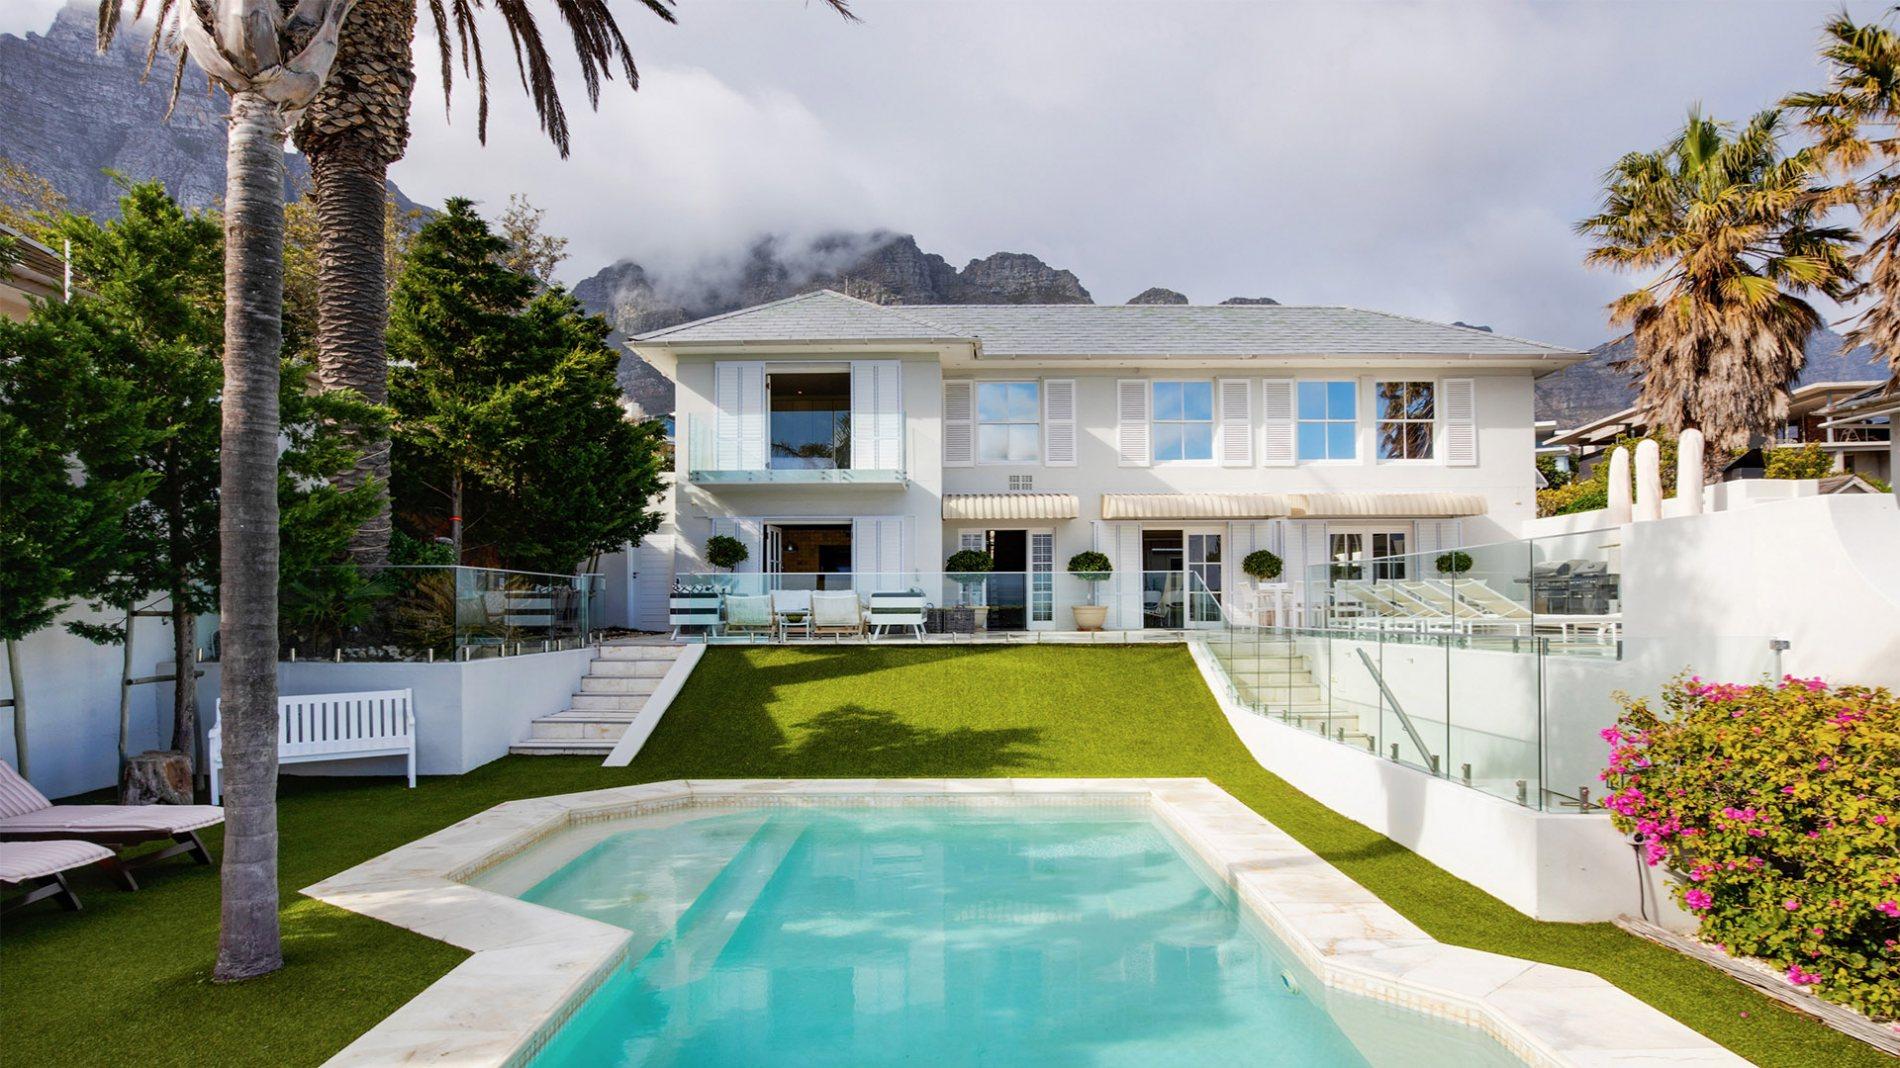 Super-wealthy splurge on R20m+ properties